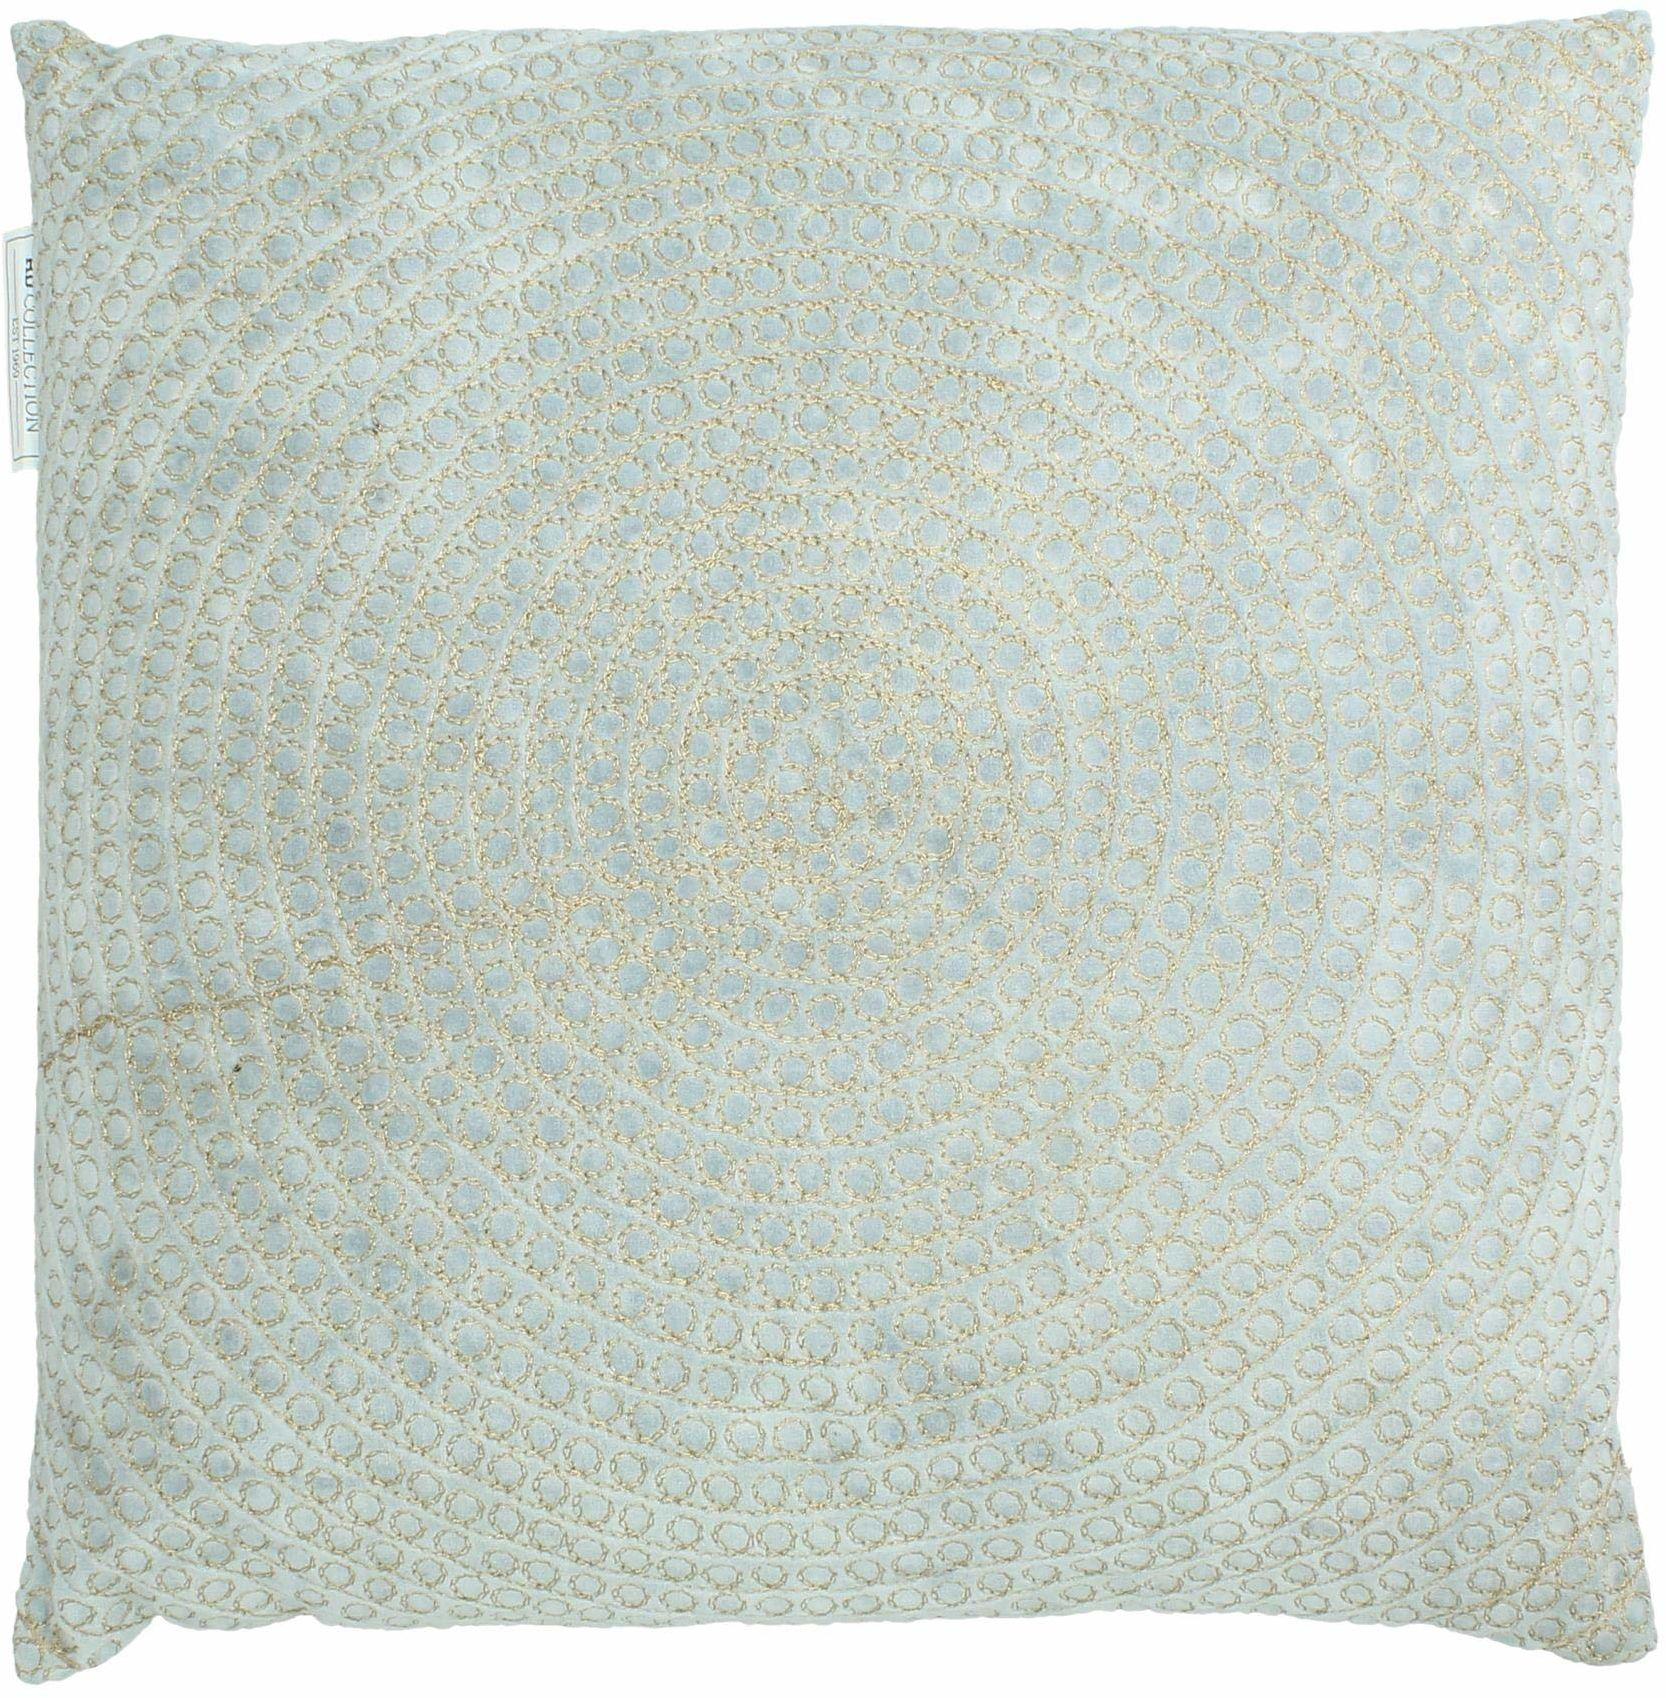 Poduszka ozdobna z wypełnieniem  aksamit  niebieska  45 x 45 cm